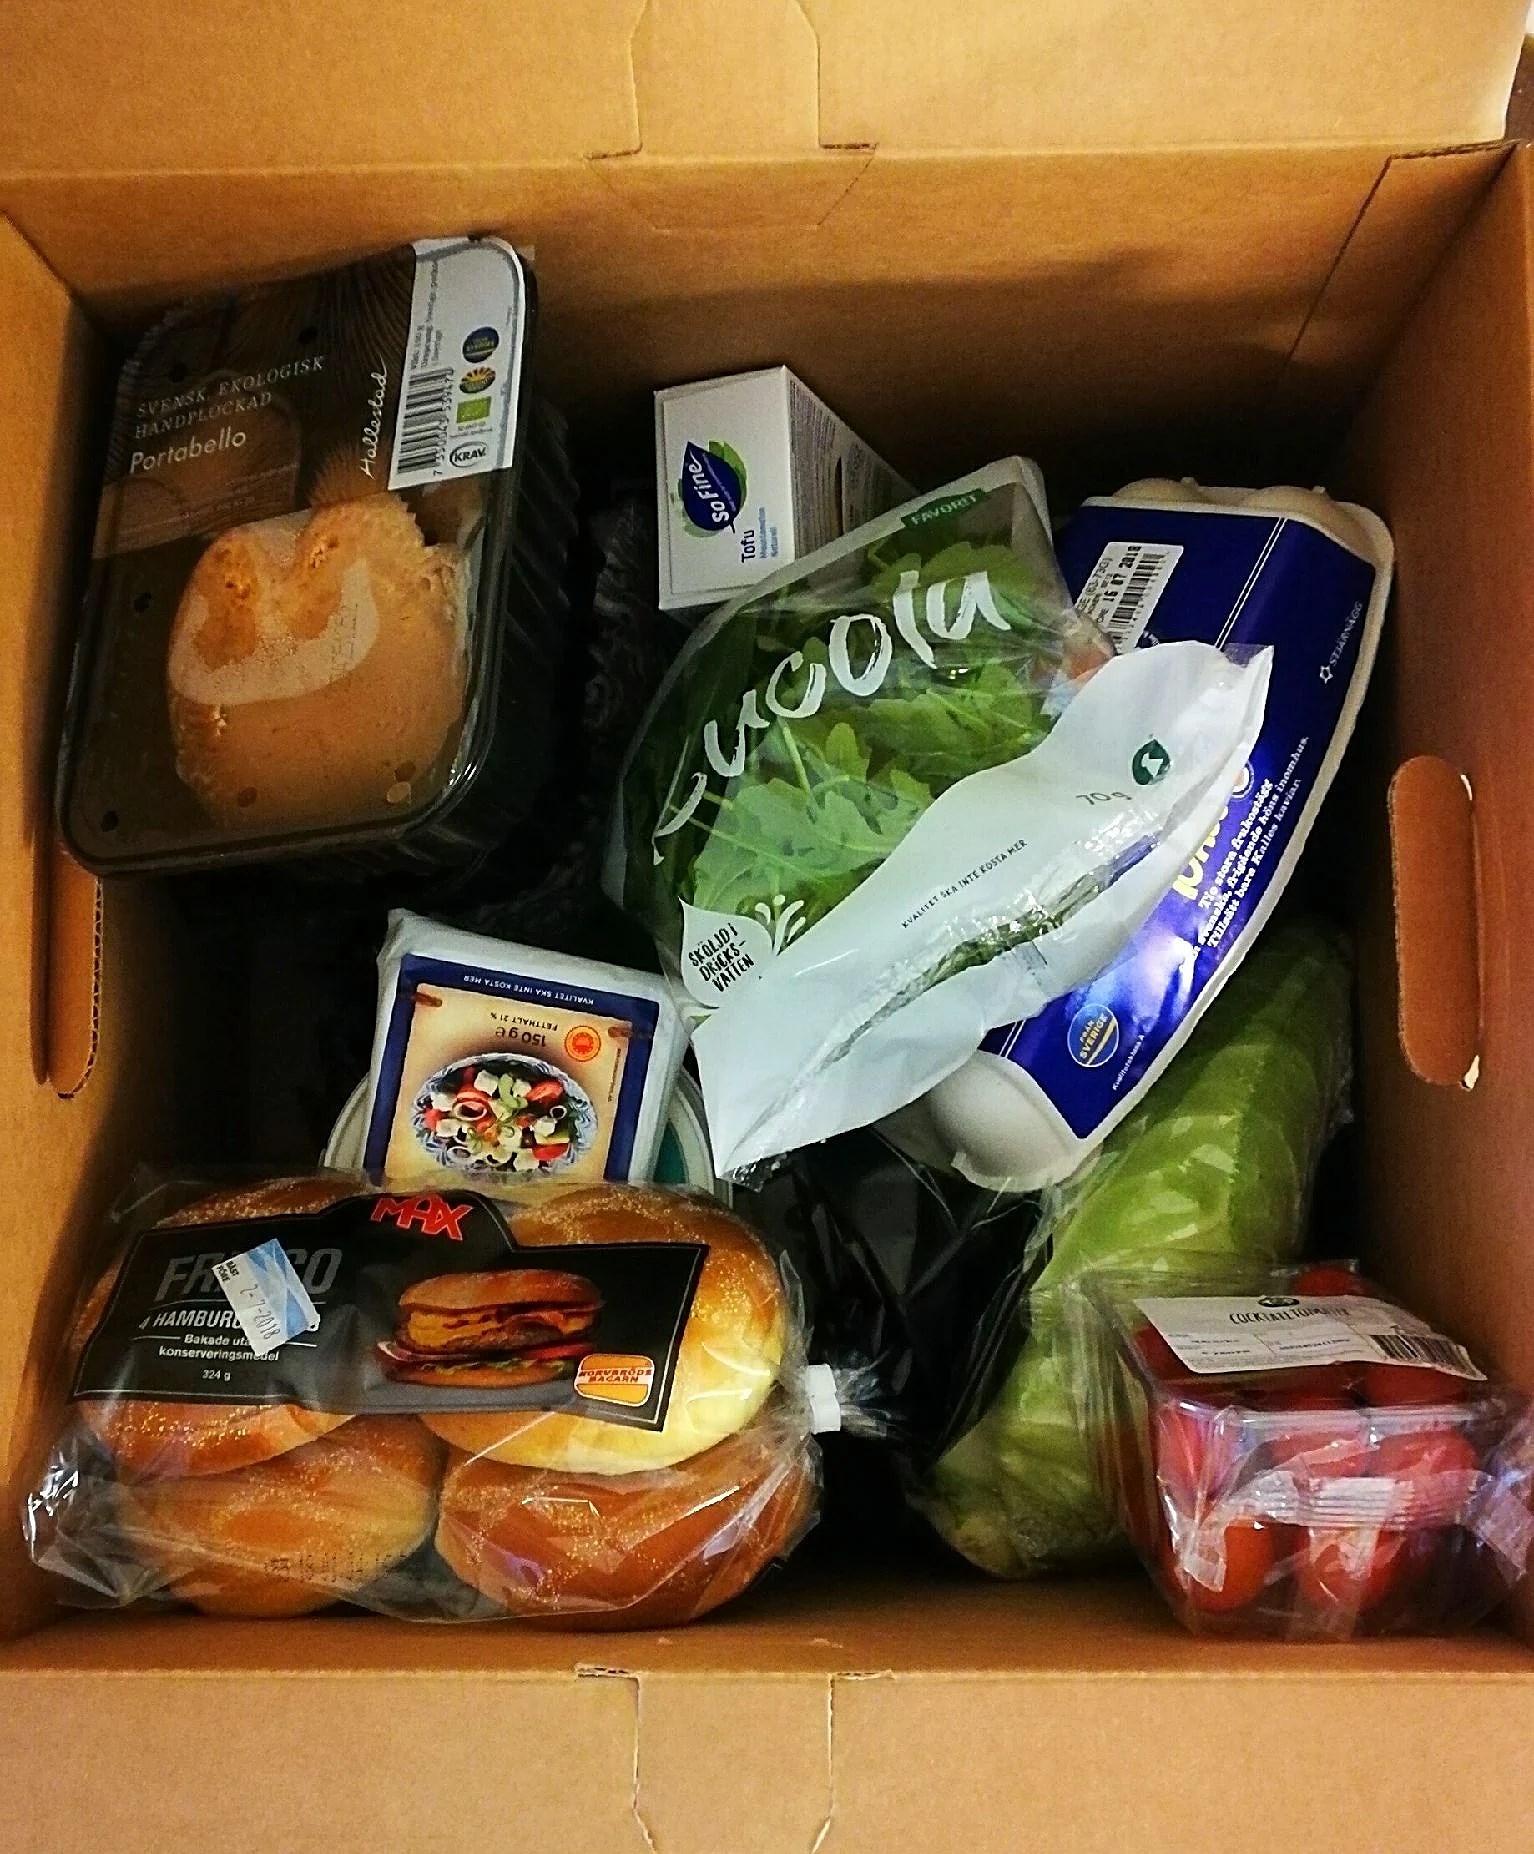 Mat både hämtad och en ny beställning...